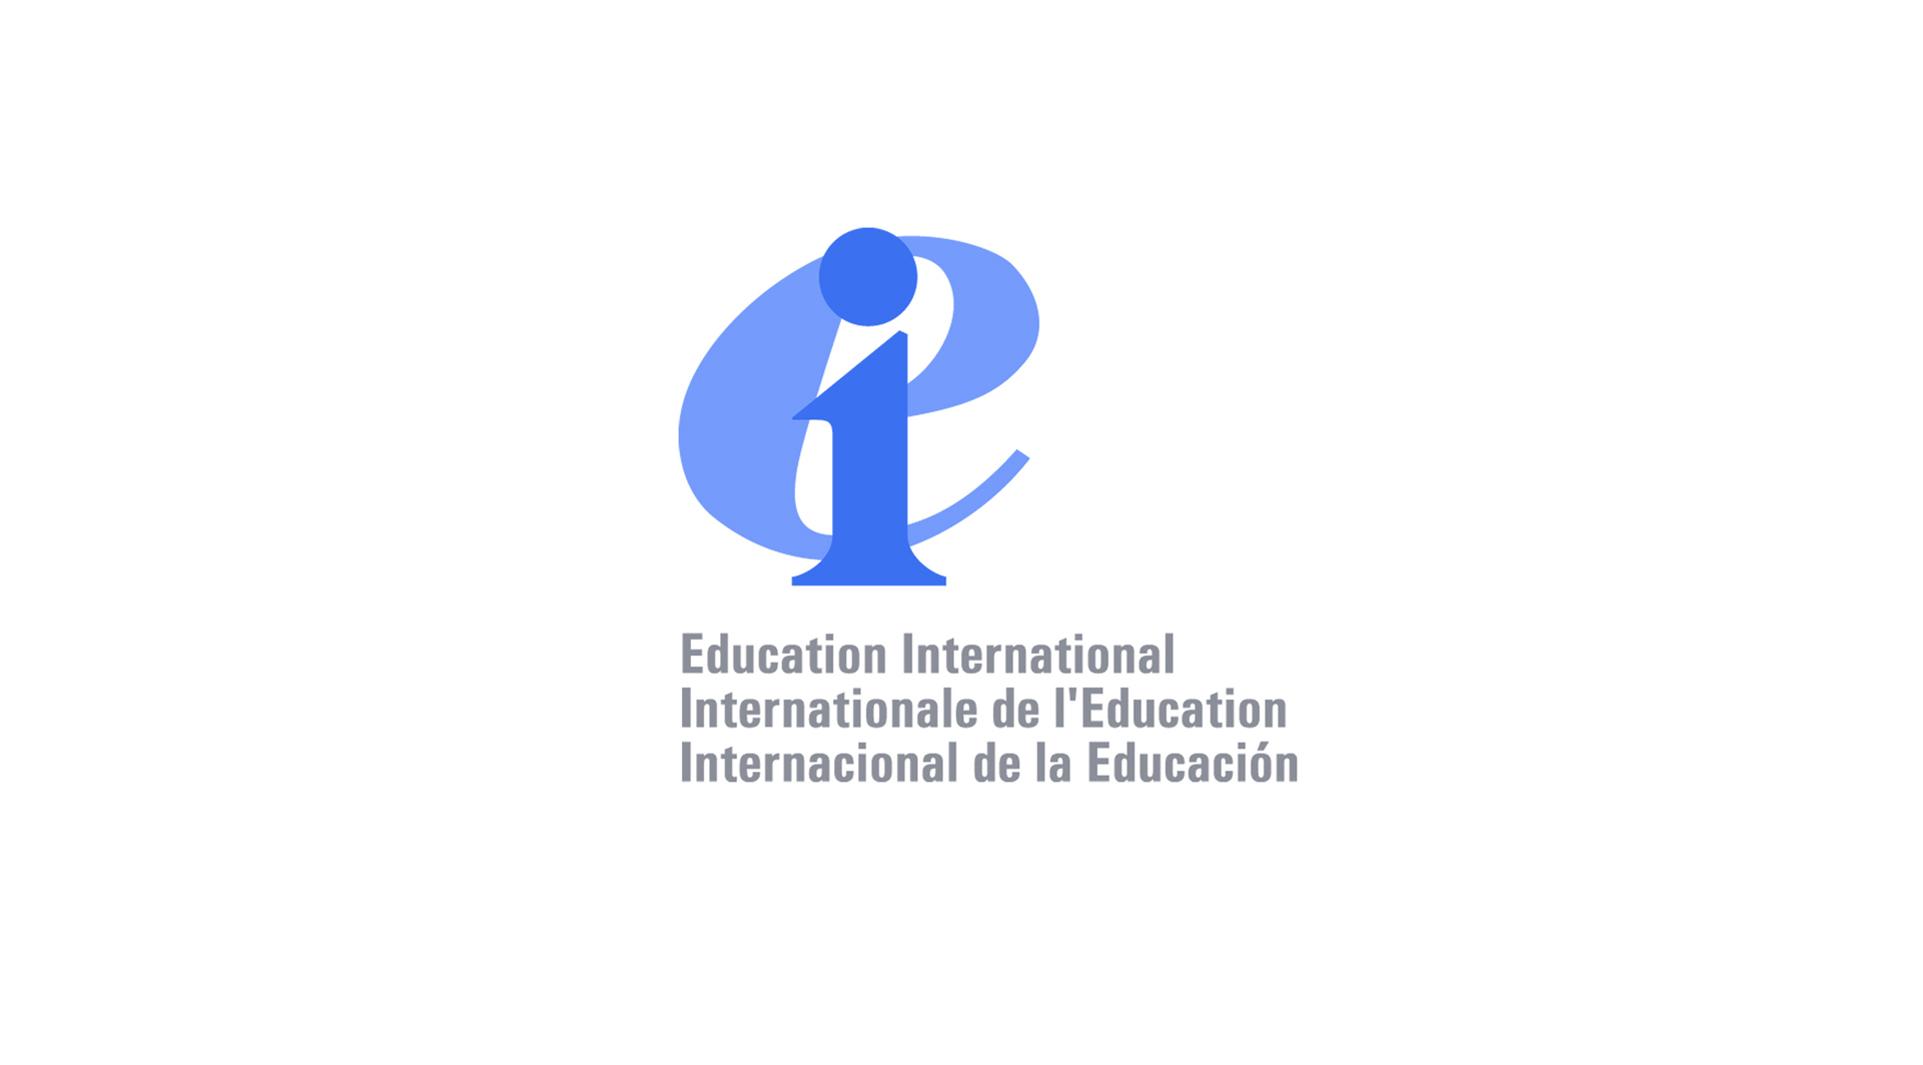 Eğitim Enternasyoneli:  Eğitim Kurumlarının Yeniden Açılmasına Yönelik El Rehberi